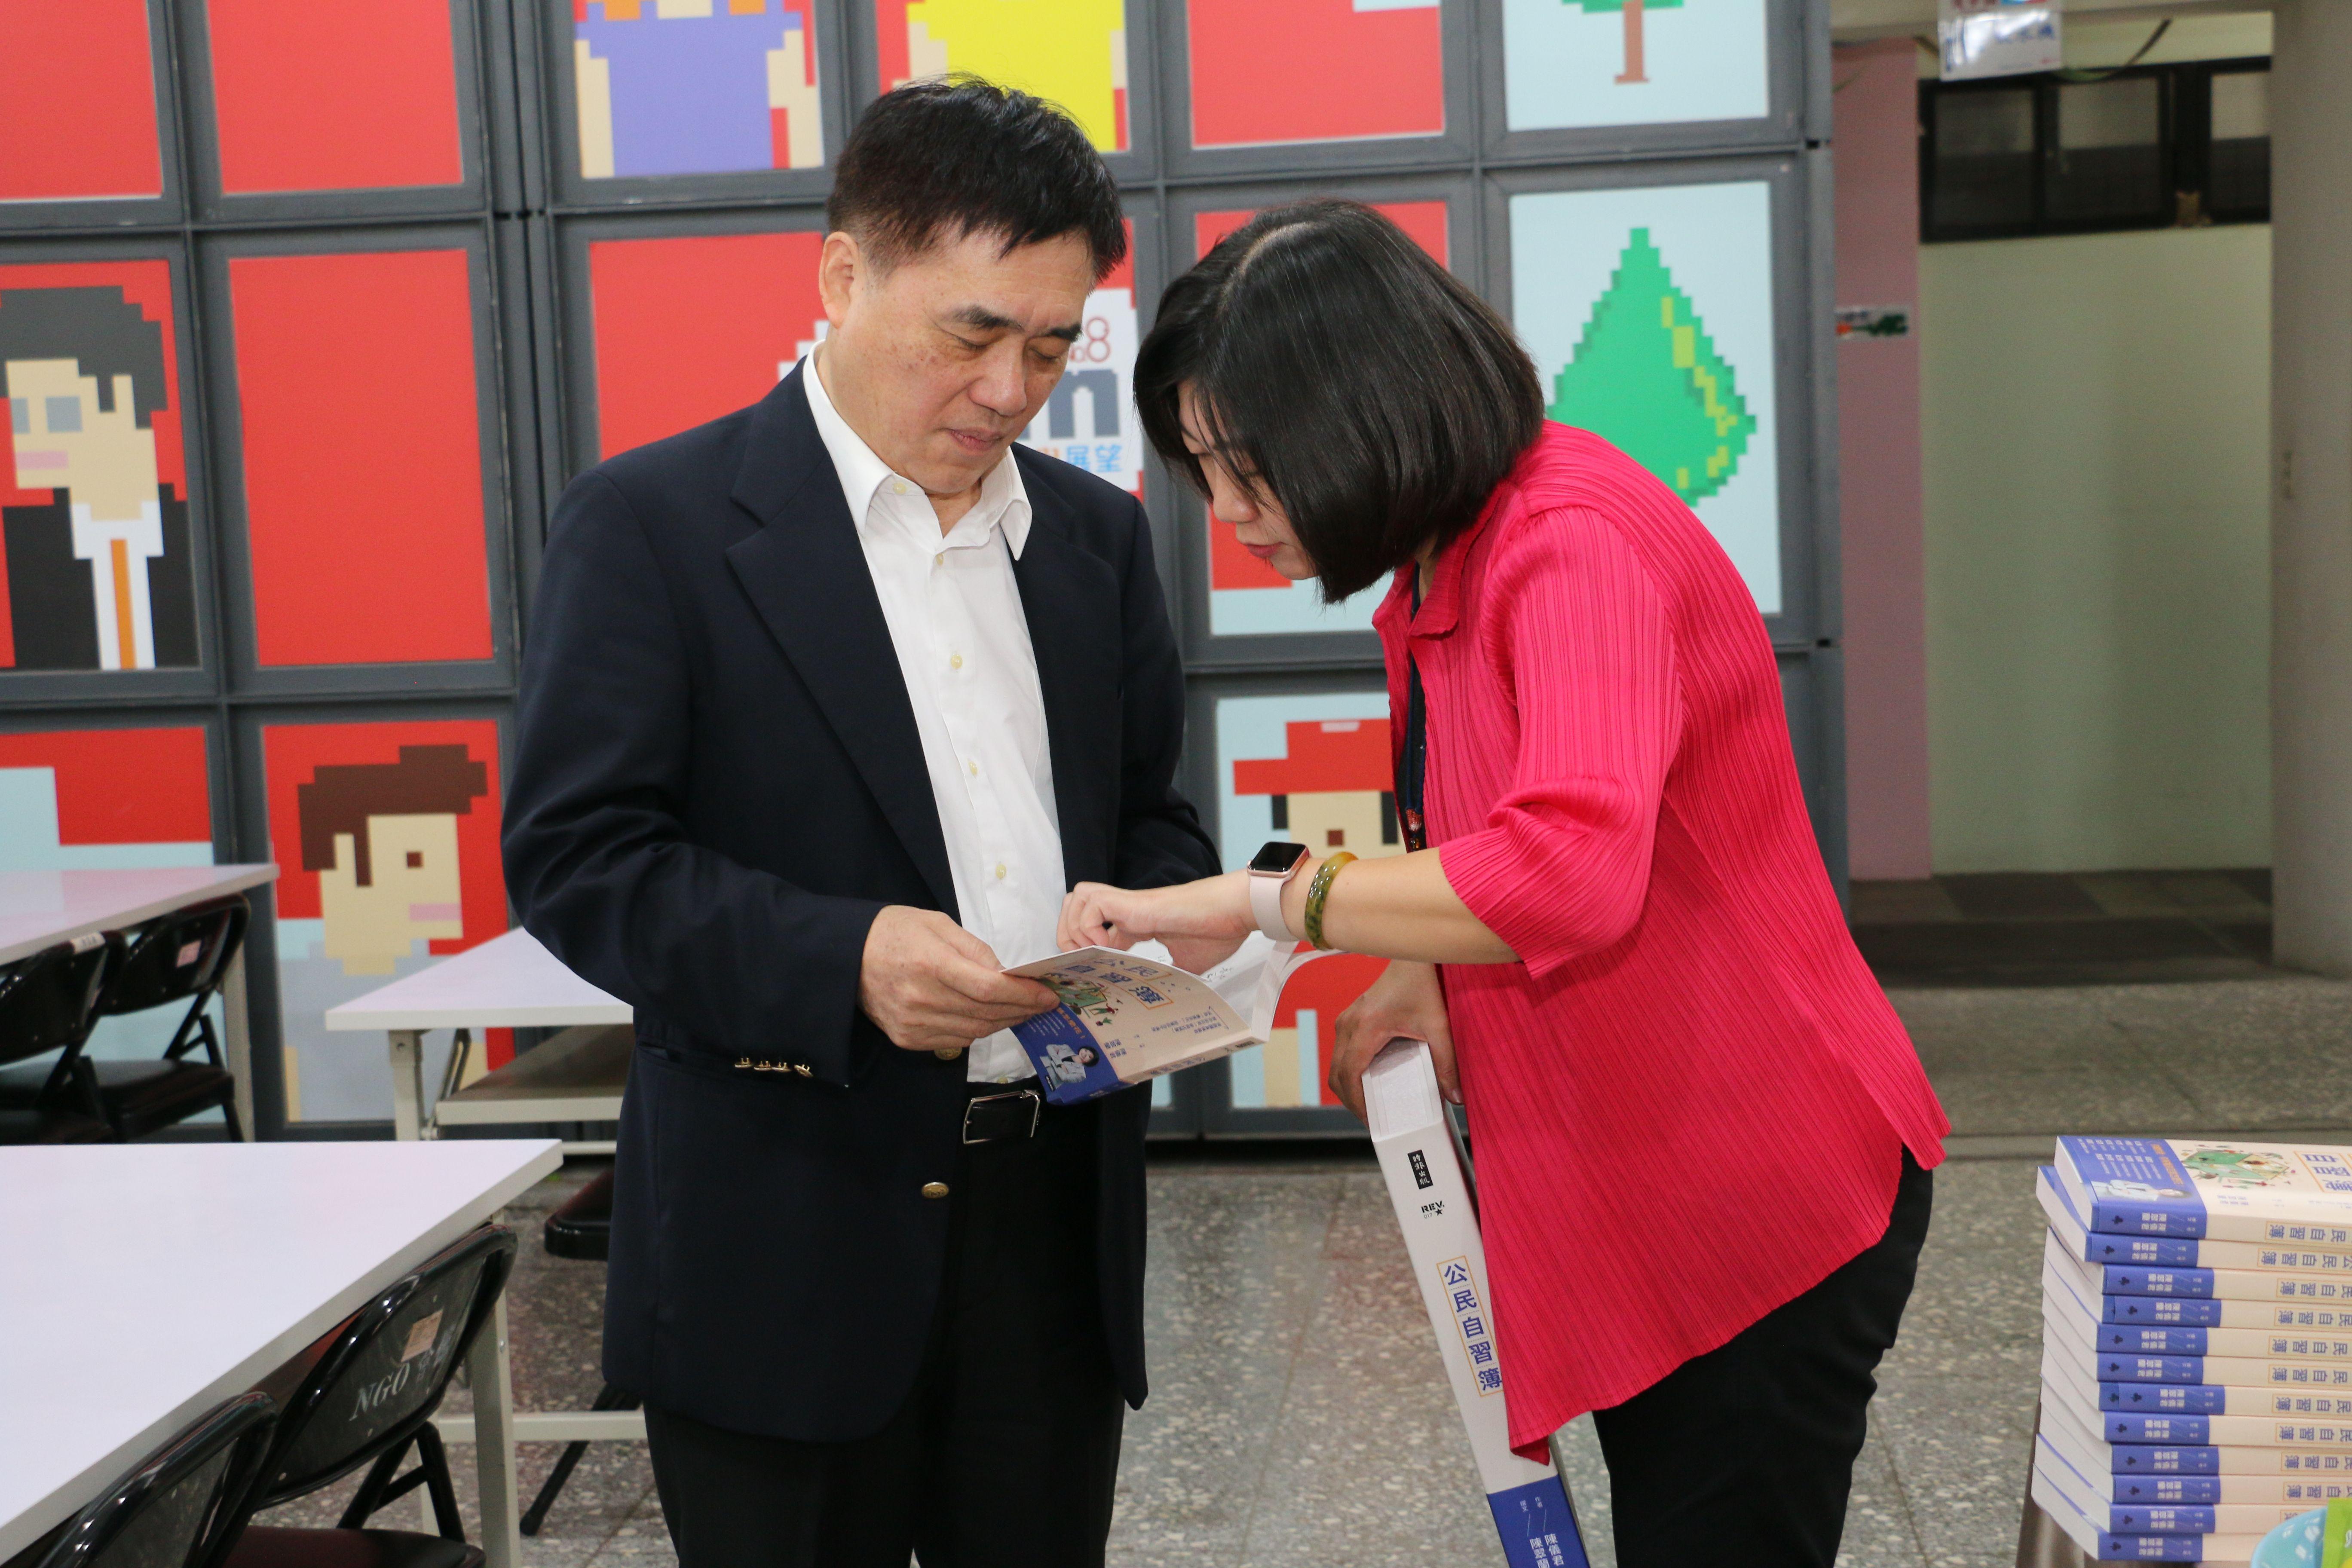 國民黨副主席郝龍斌(左)認真翻閱《公民自習簿》內容。(圖/李梅瑛攝)